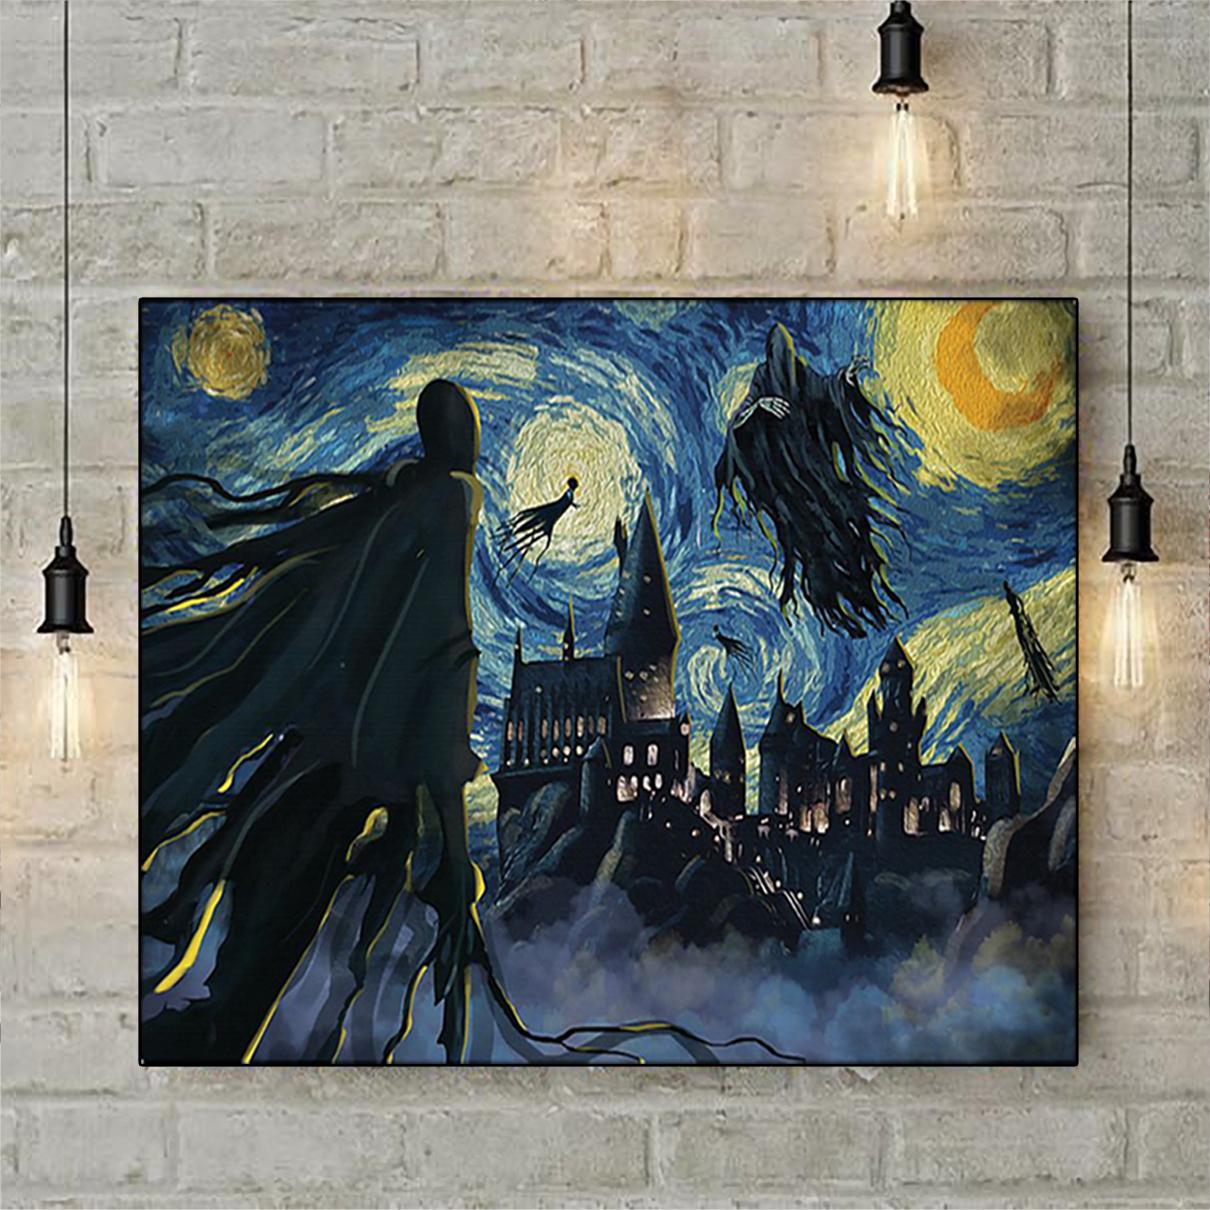 Dementor hogwarts starry night van gogh poster A2